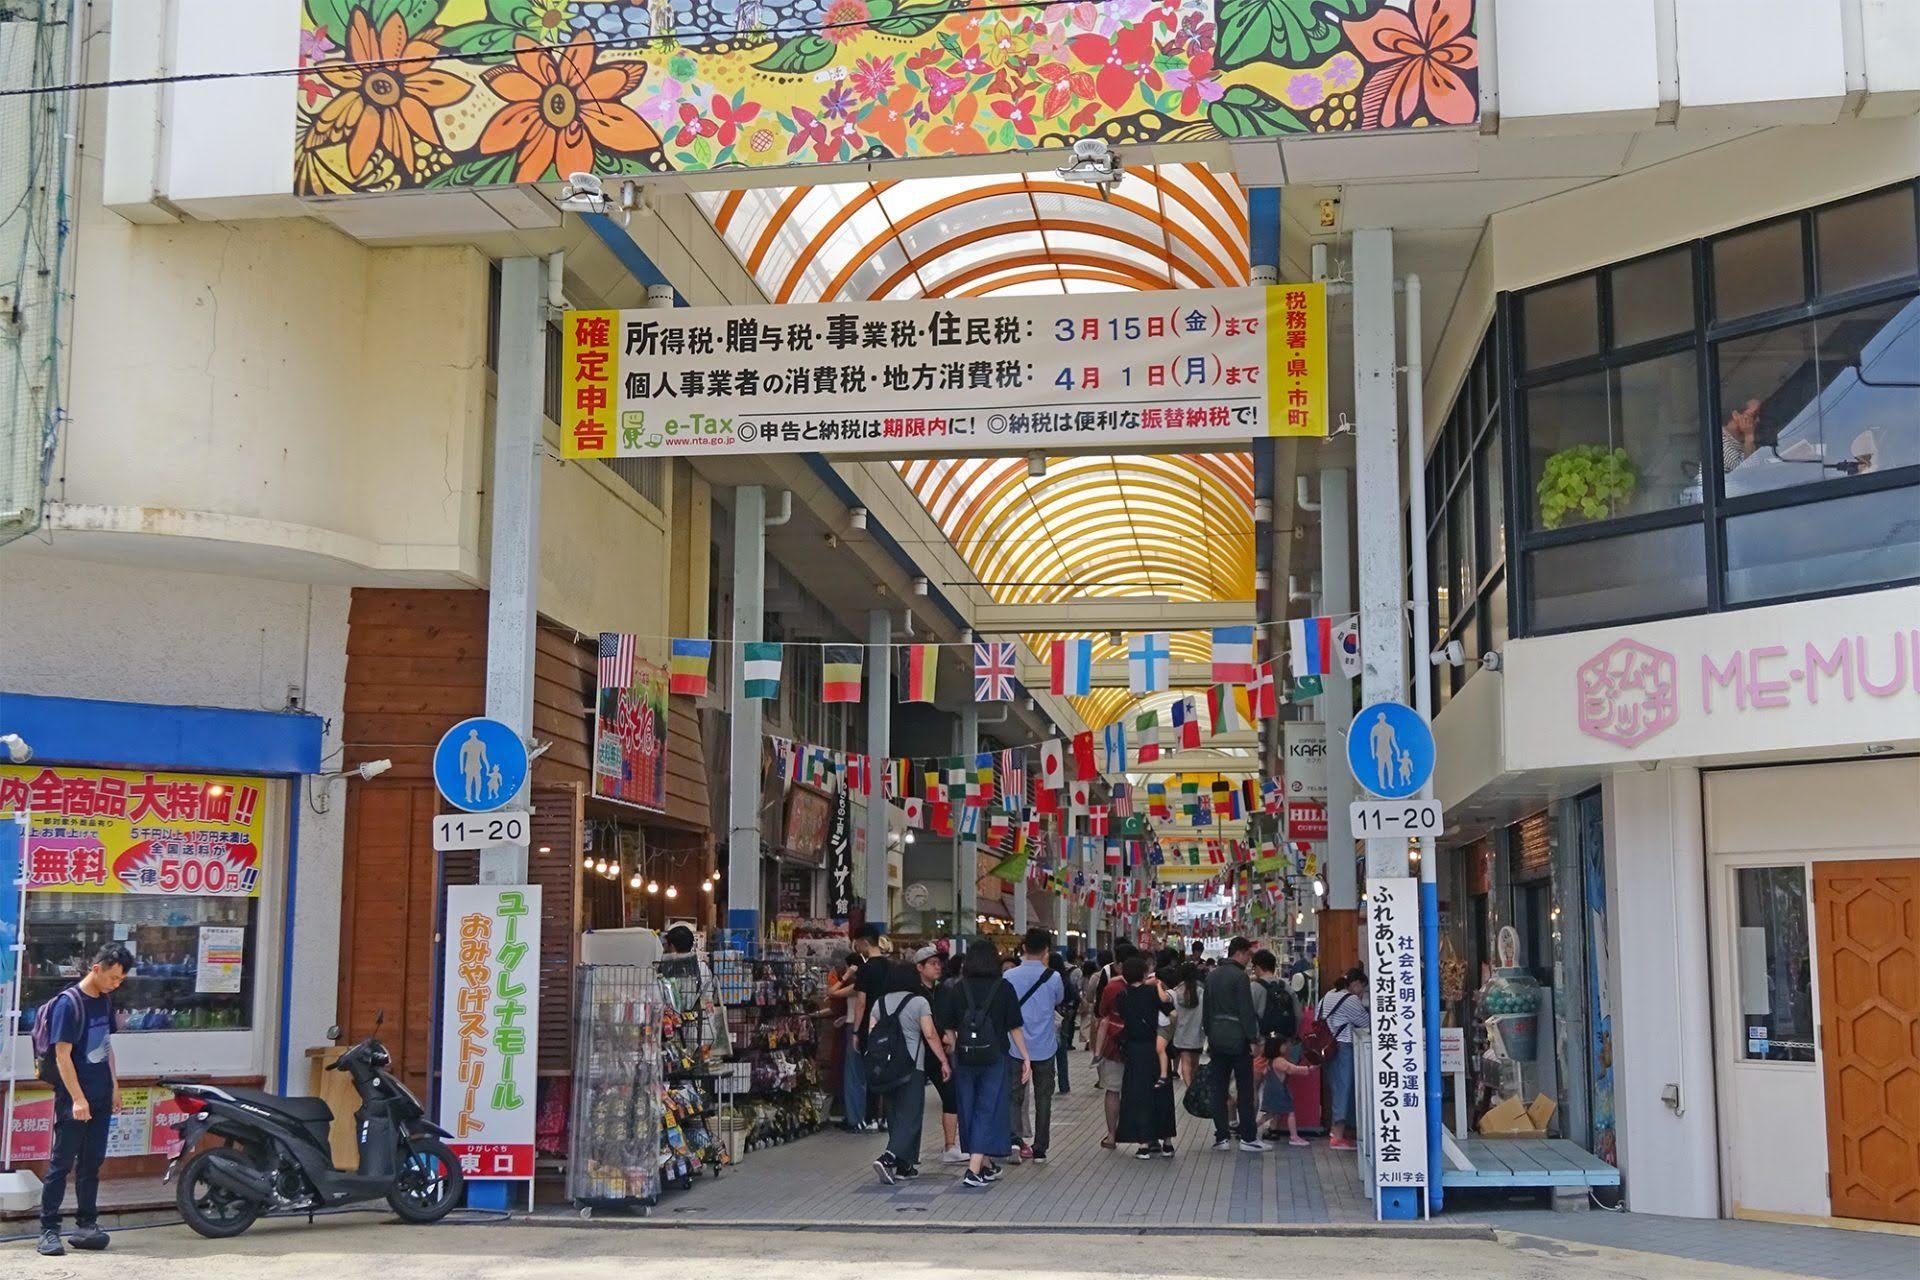 ユーグレナモール 石垣島 観光 スポット おすすめ 人気 名所 沖縄 旅行